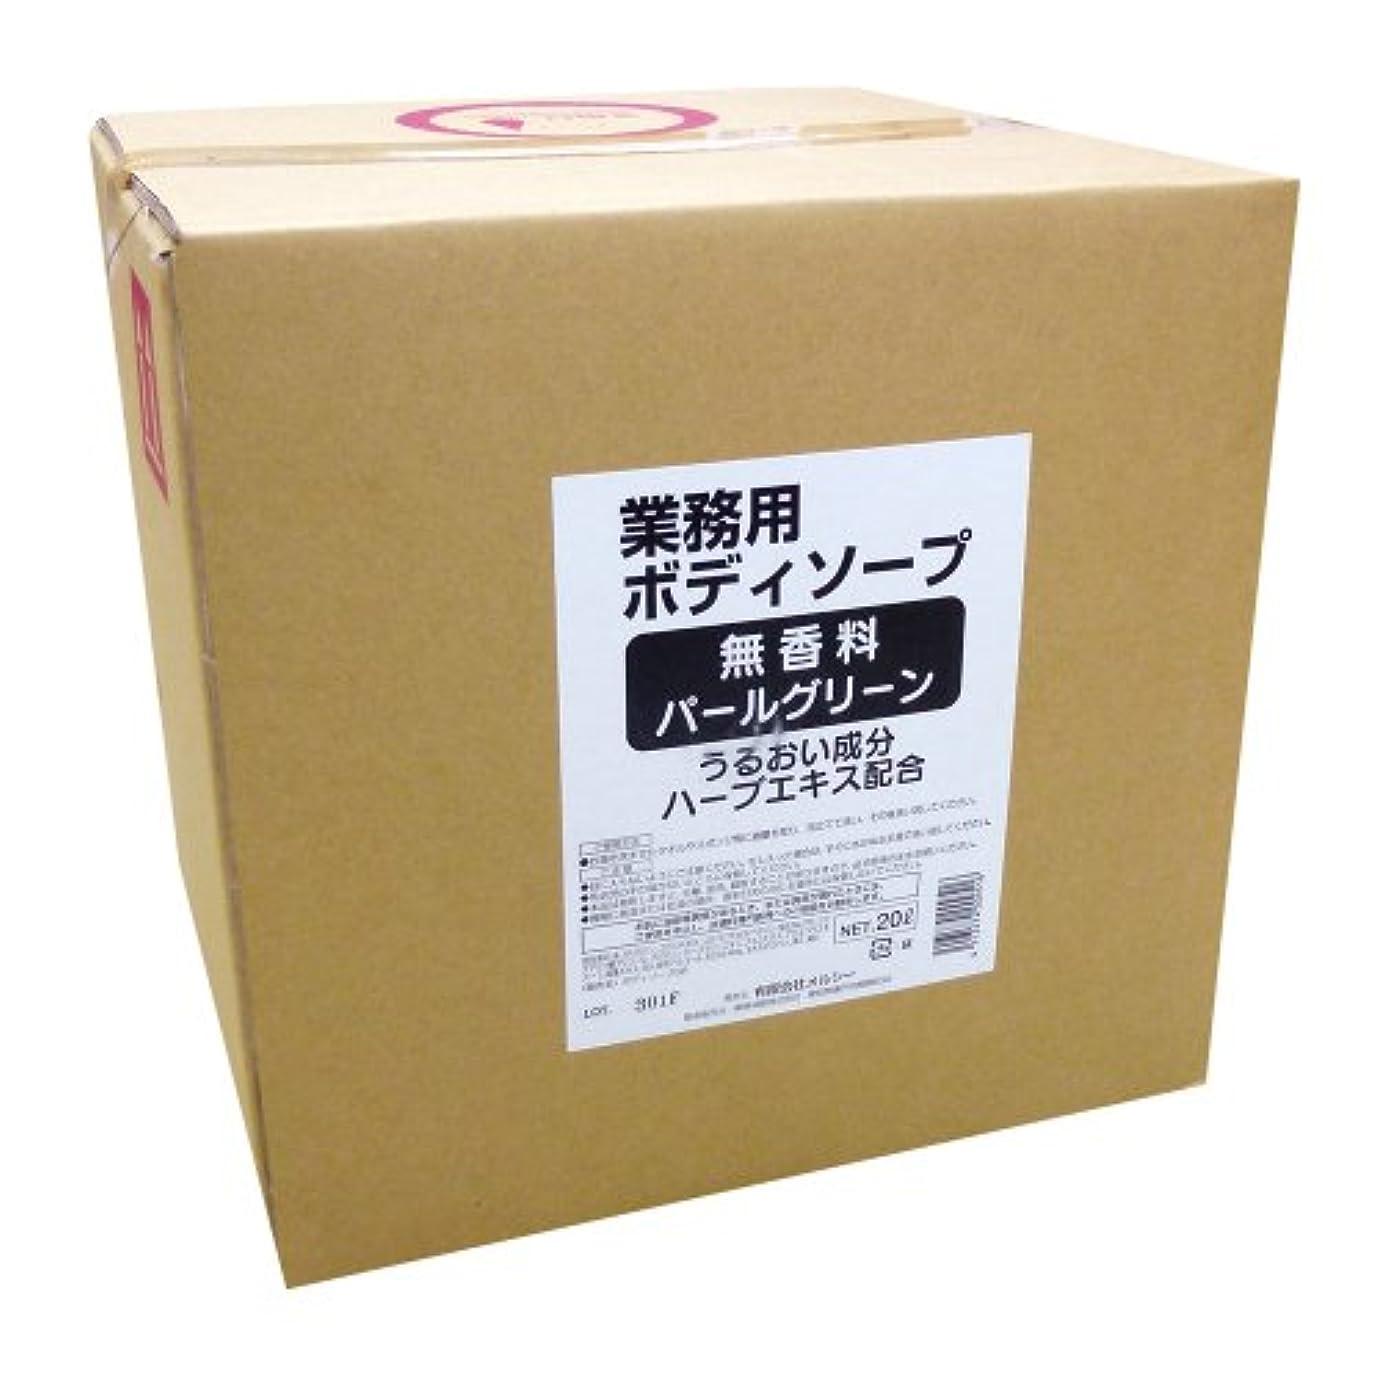 コンセンサス処理する無許可【業務用】 無香料 ボディソープ 20L